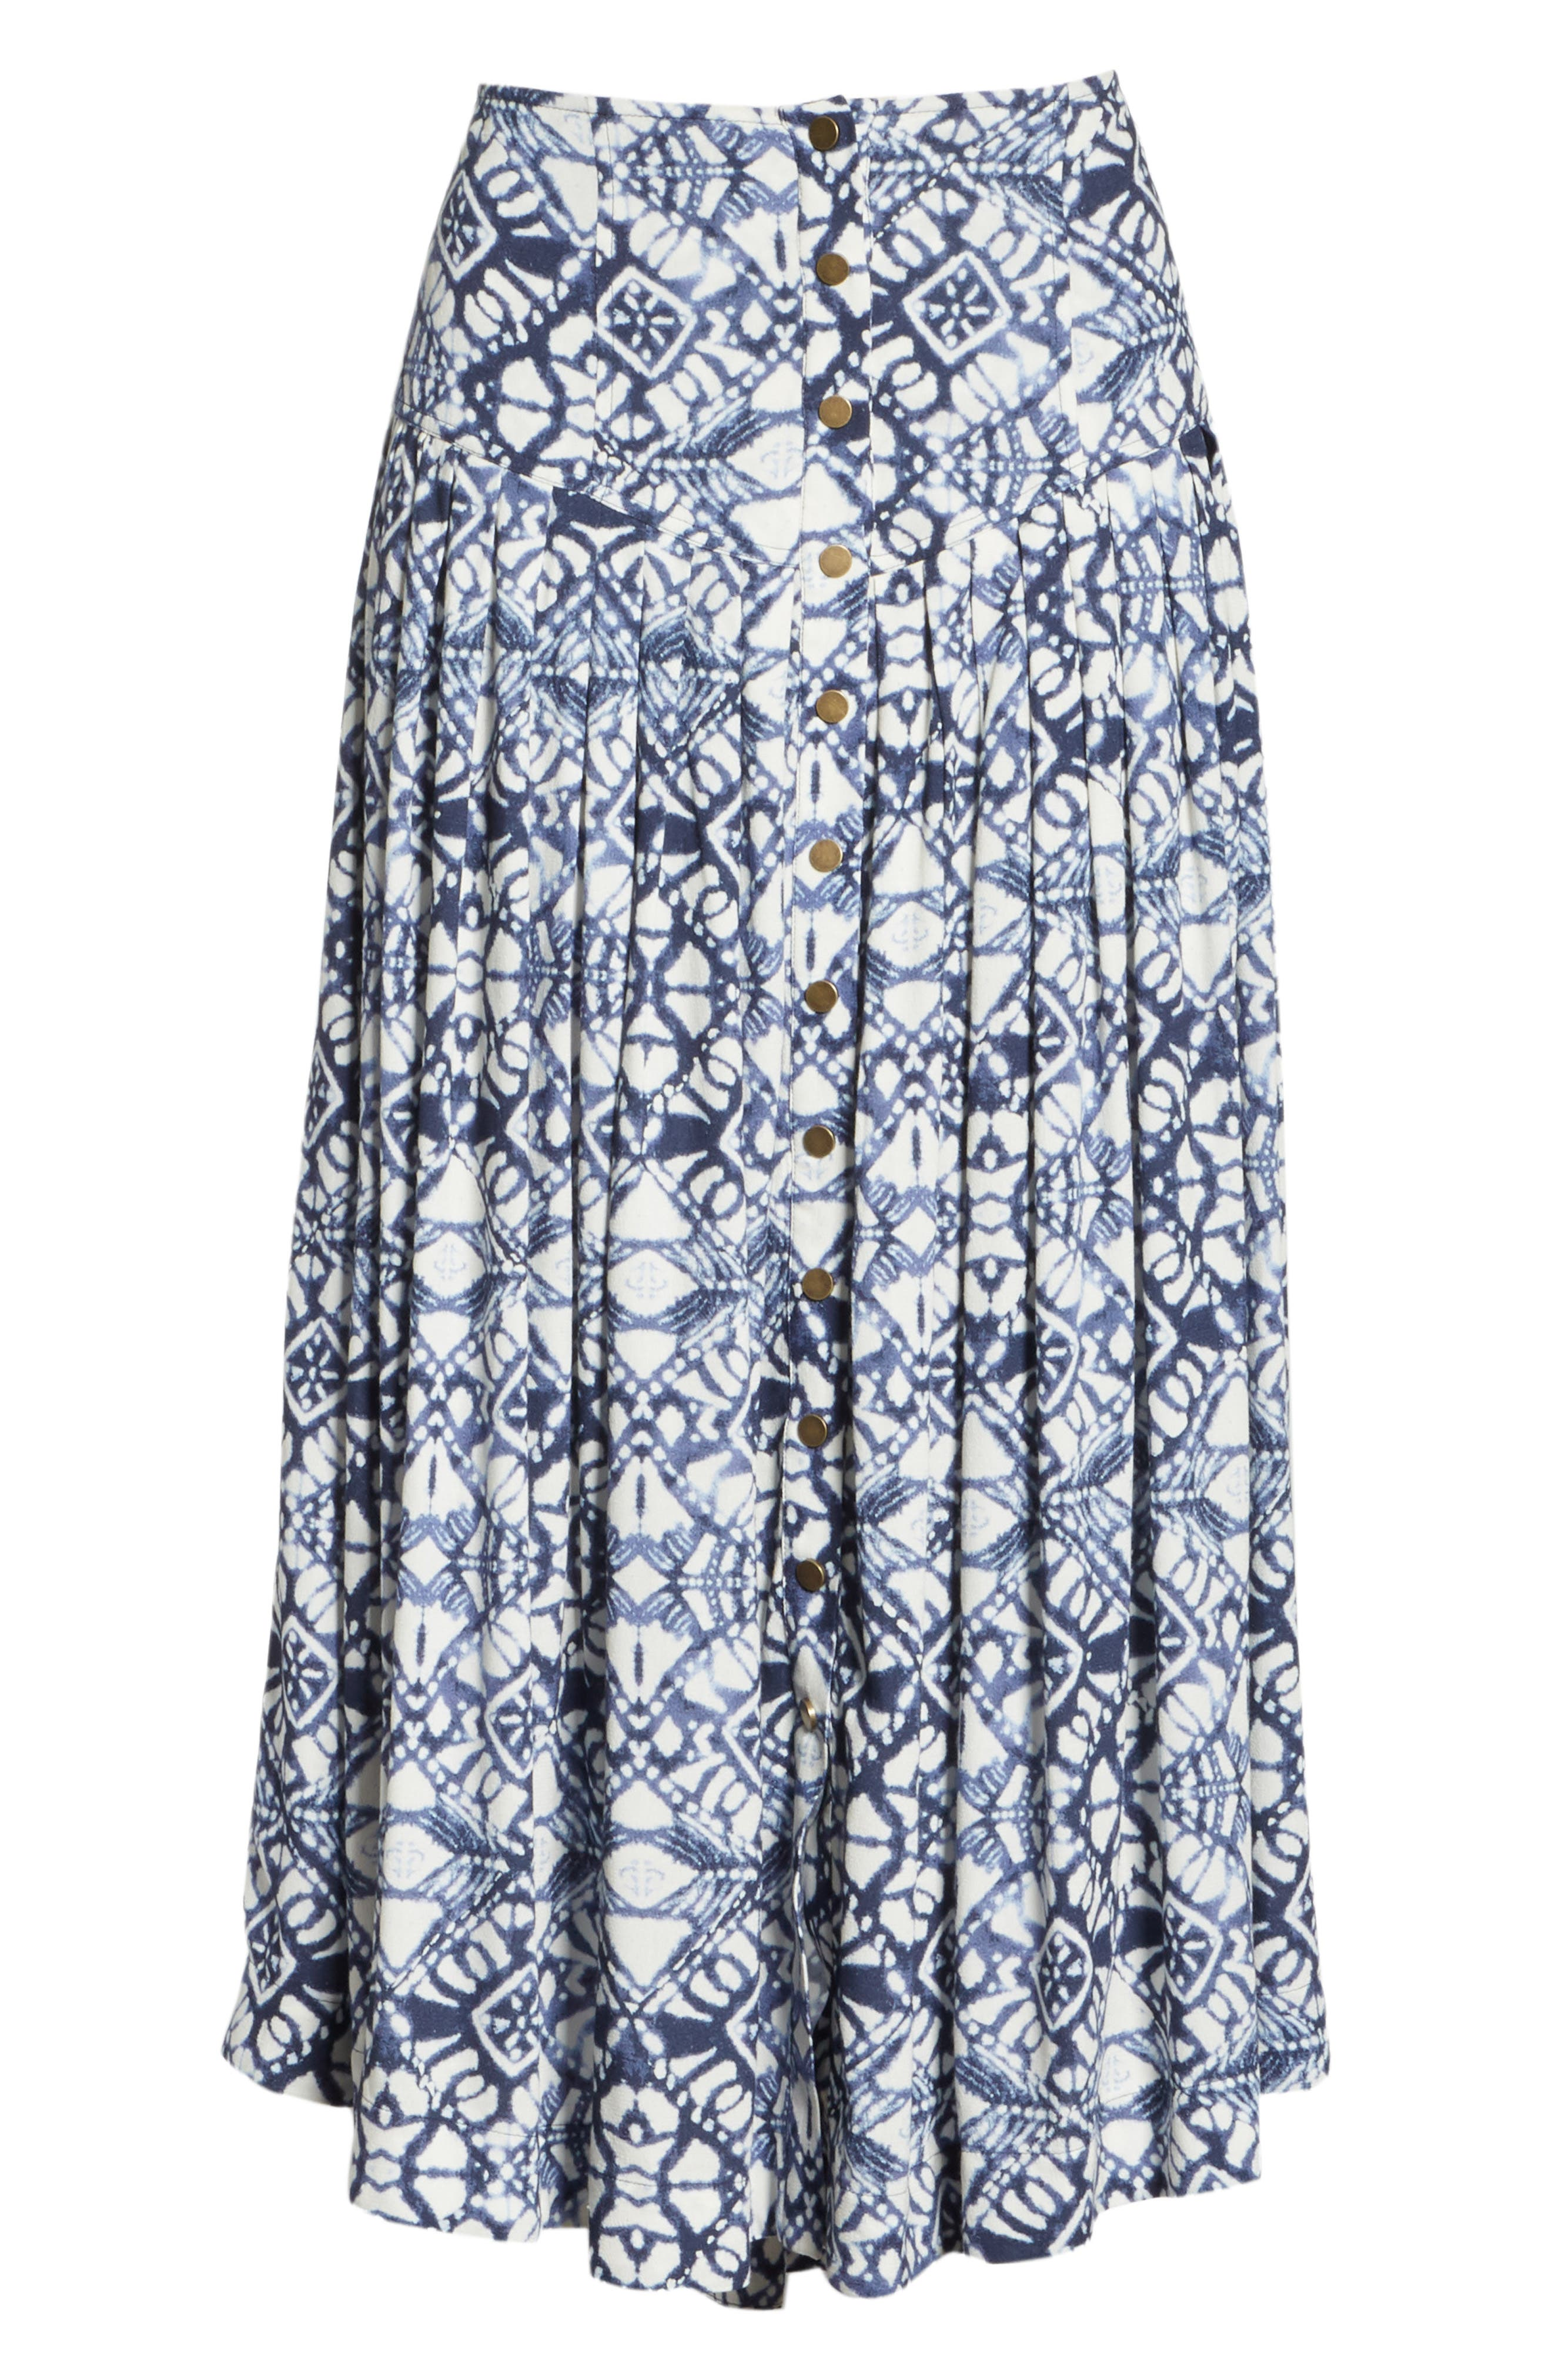 Lovers Dream Midi Skirt,                             Alternate thumbnail 6, color,                             401